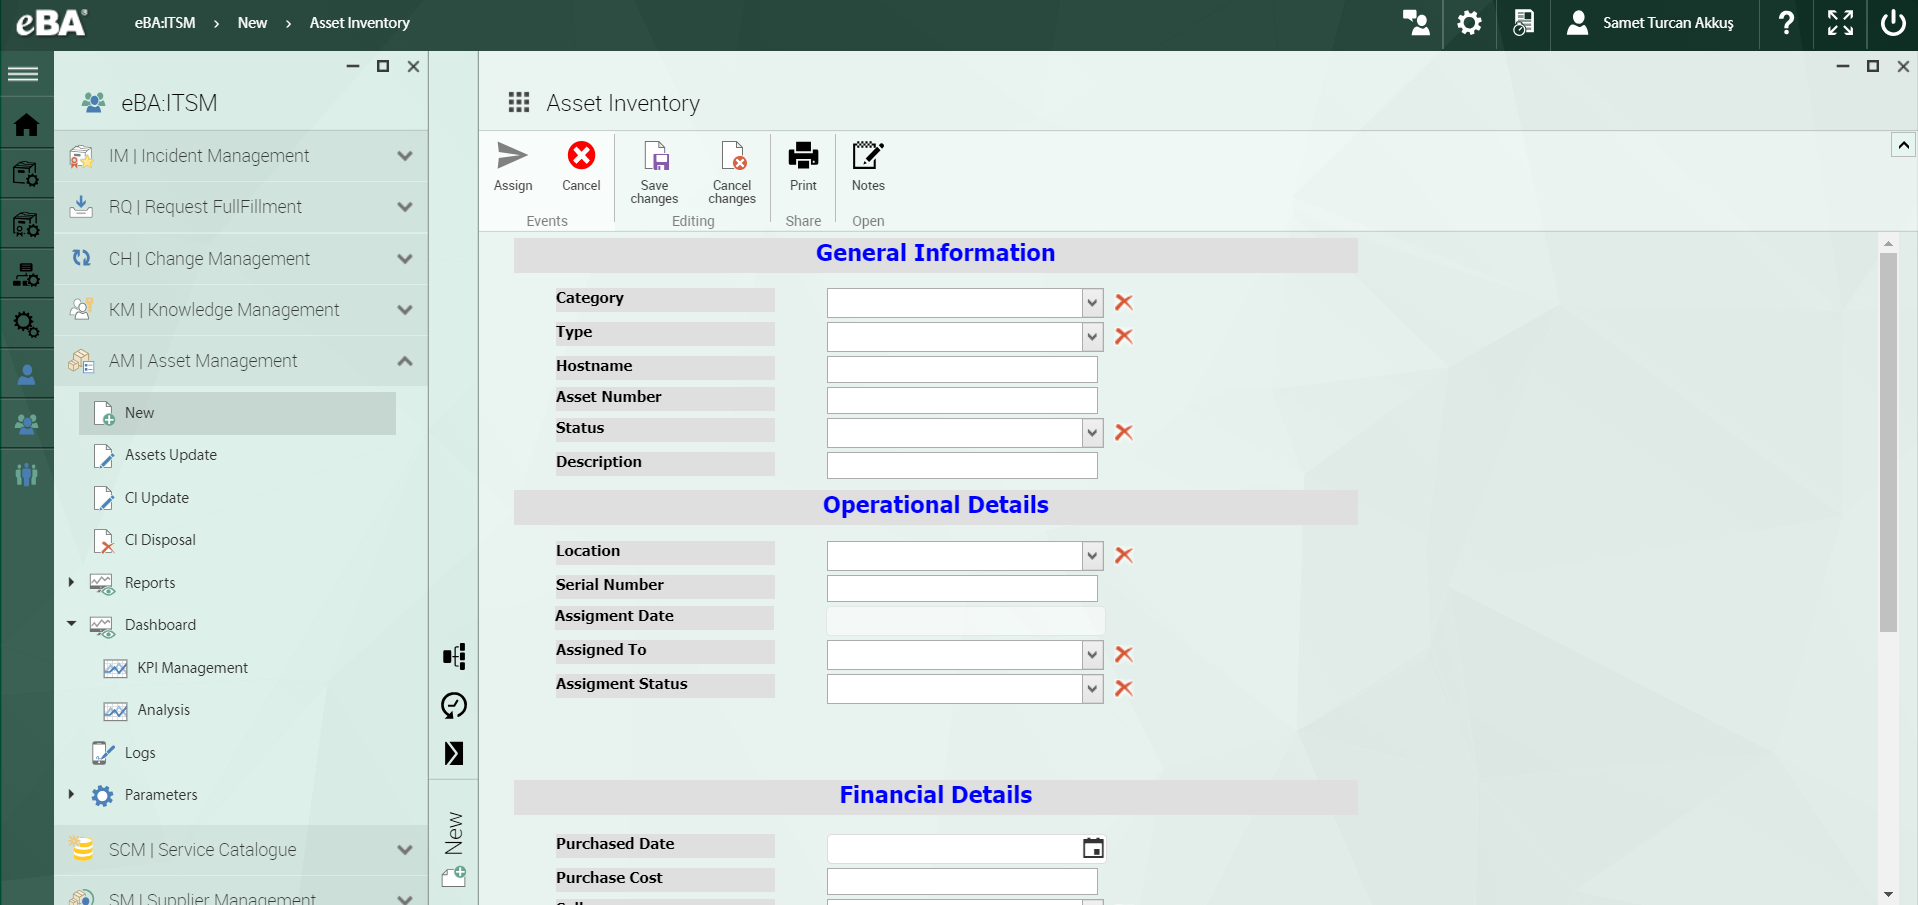 eBA ITSM Software - Asset management